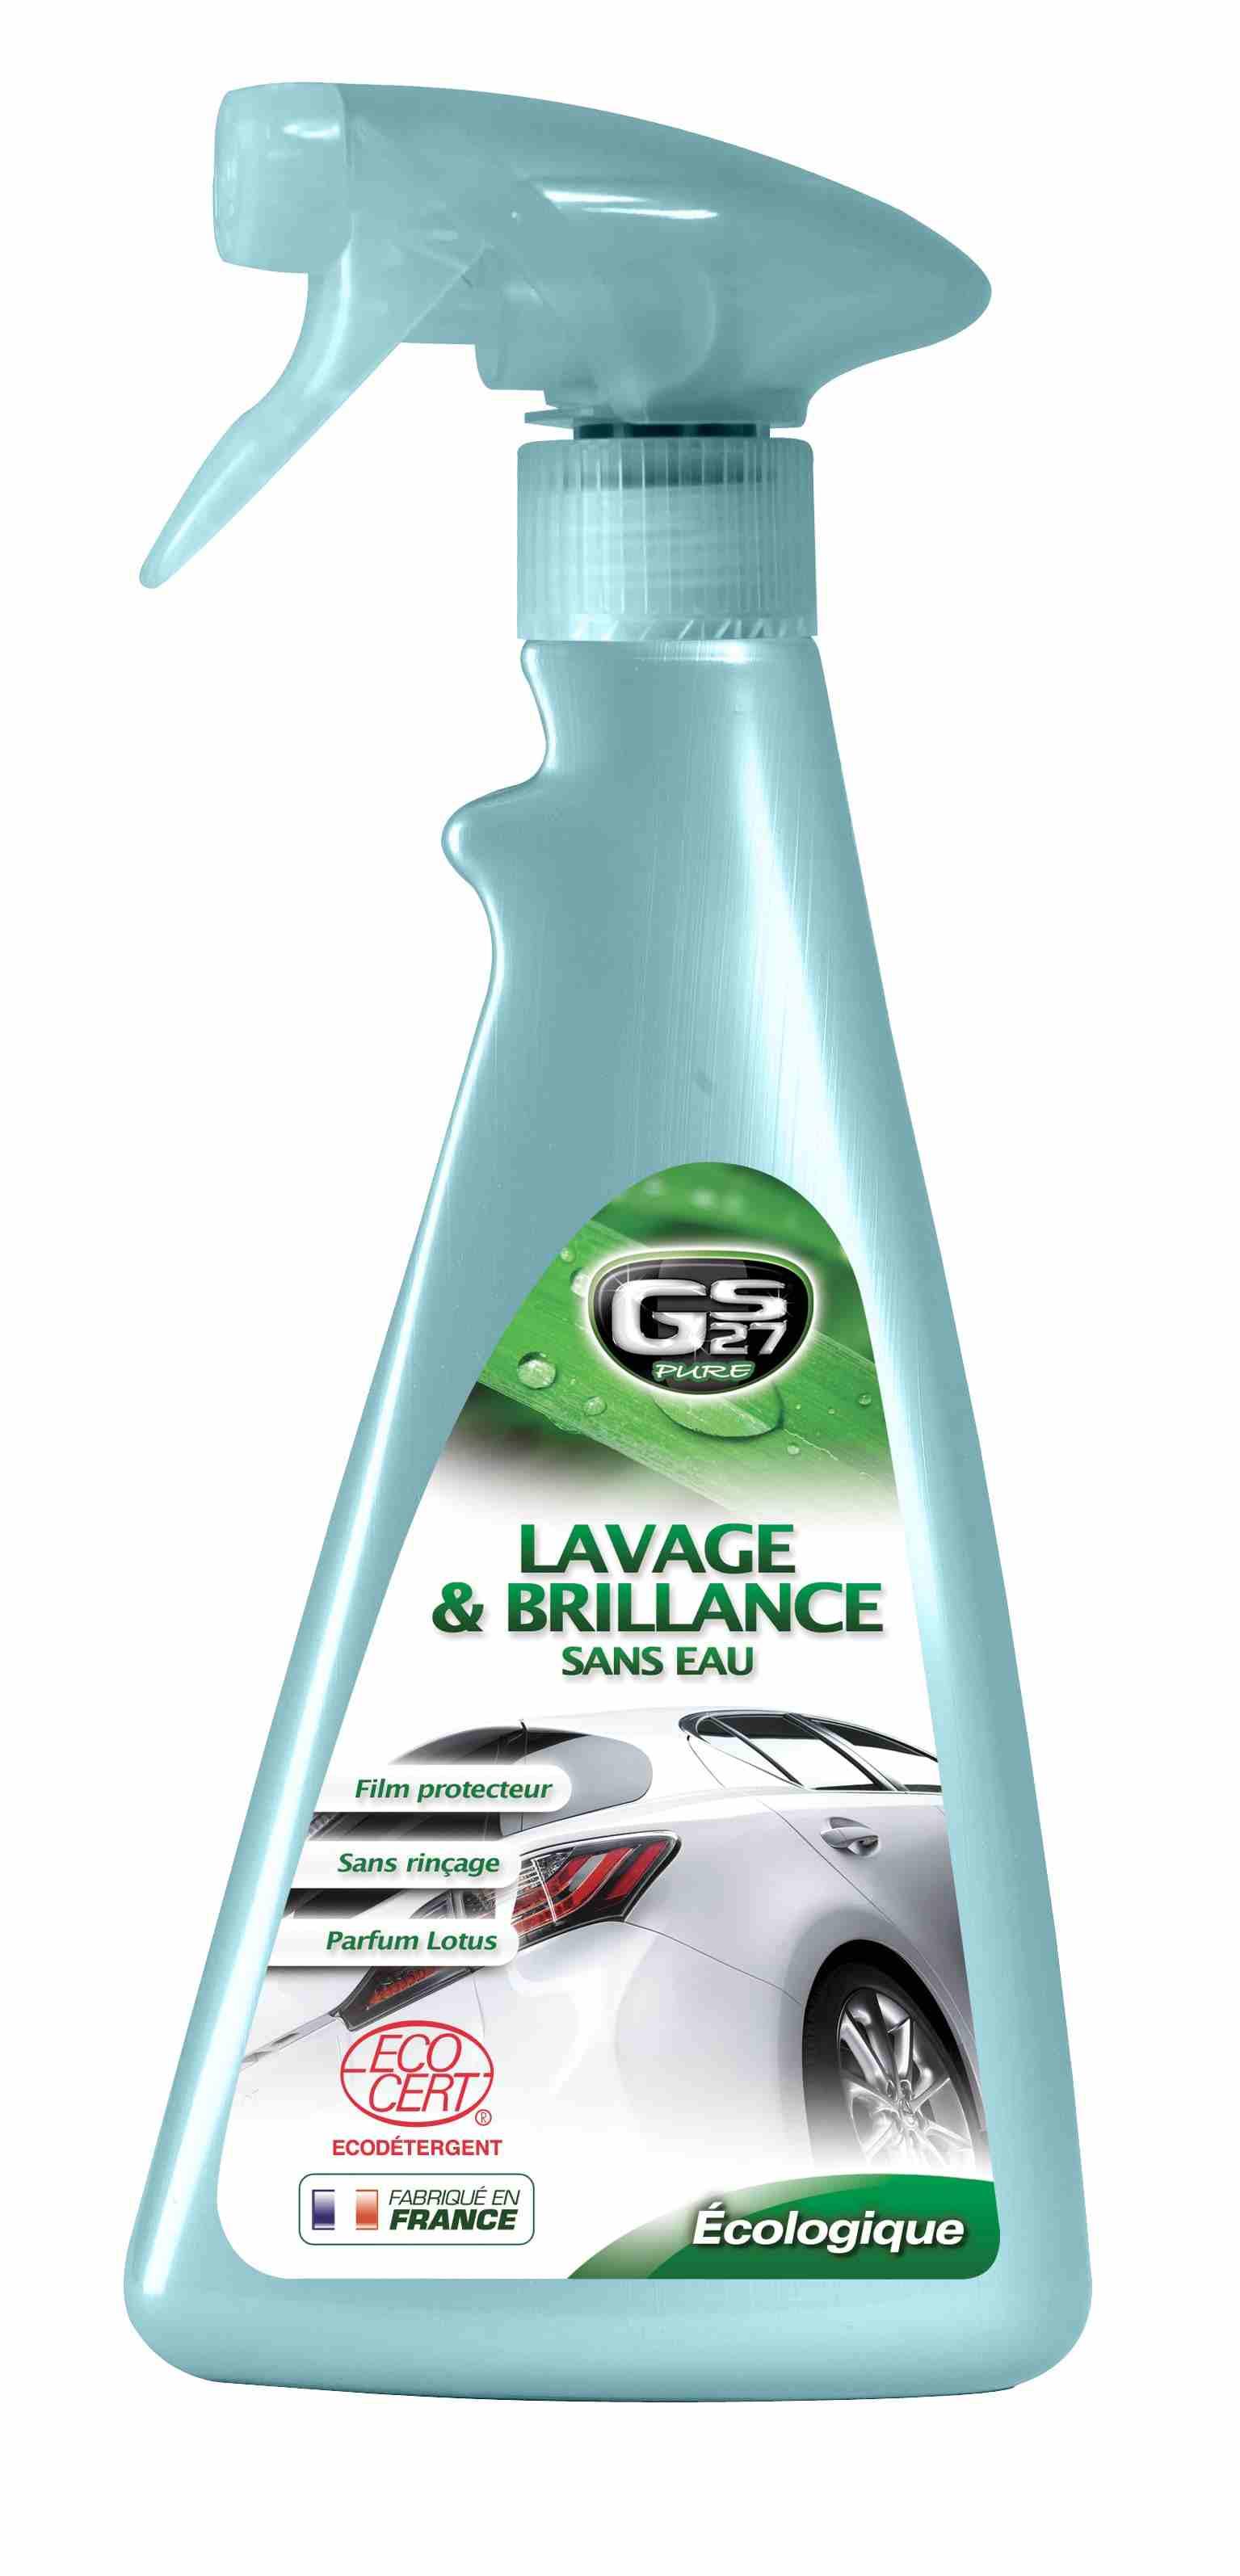 Lavage & Brillance Sans Eau - ECOCERT - 500 ml